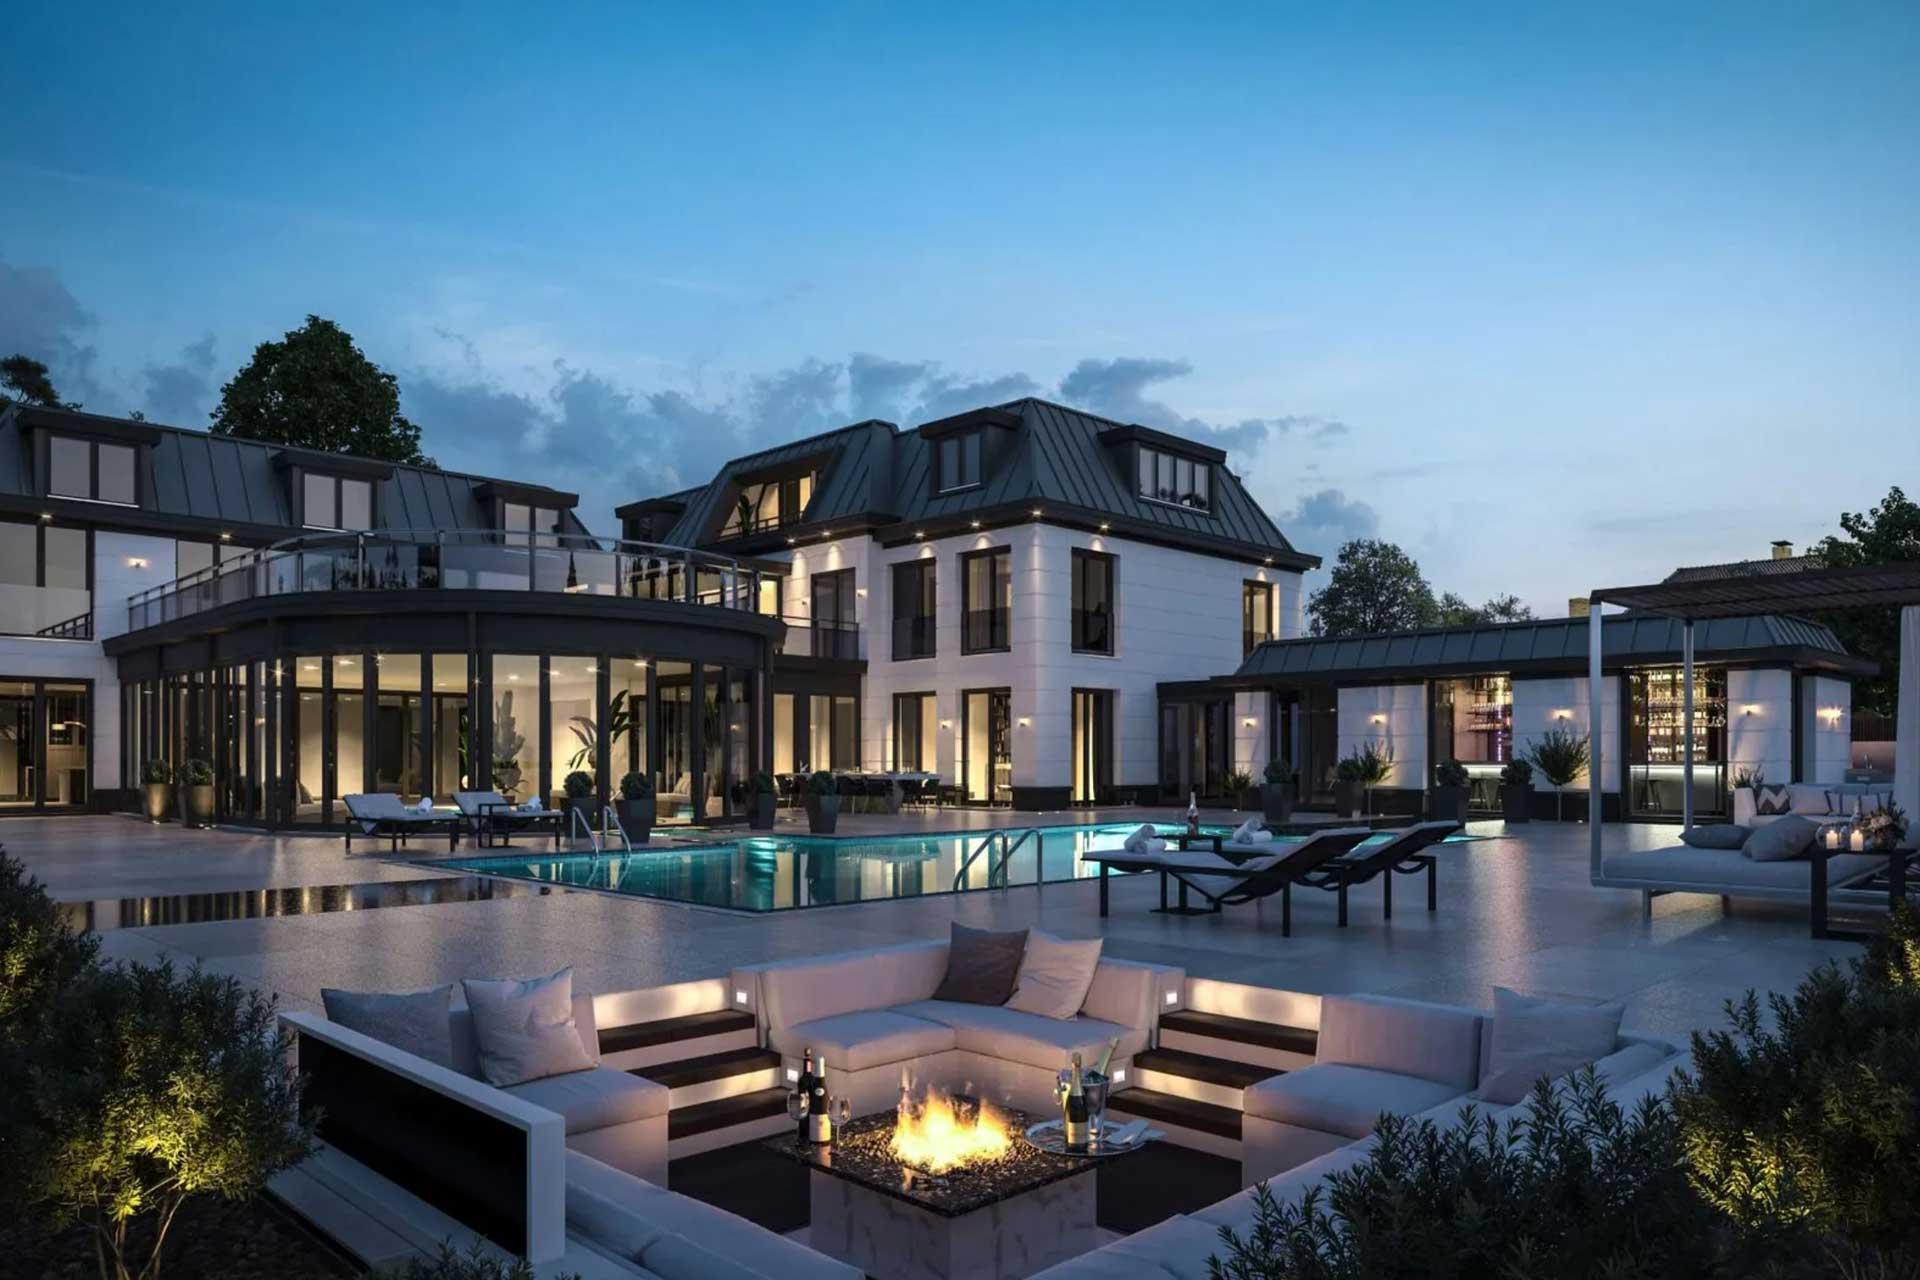 Nieuwbouw Villa Vinkeveen in wit klassieke architectuurstijl met binnen en buiten zwembad.